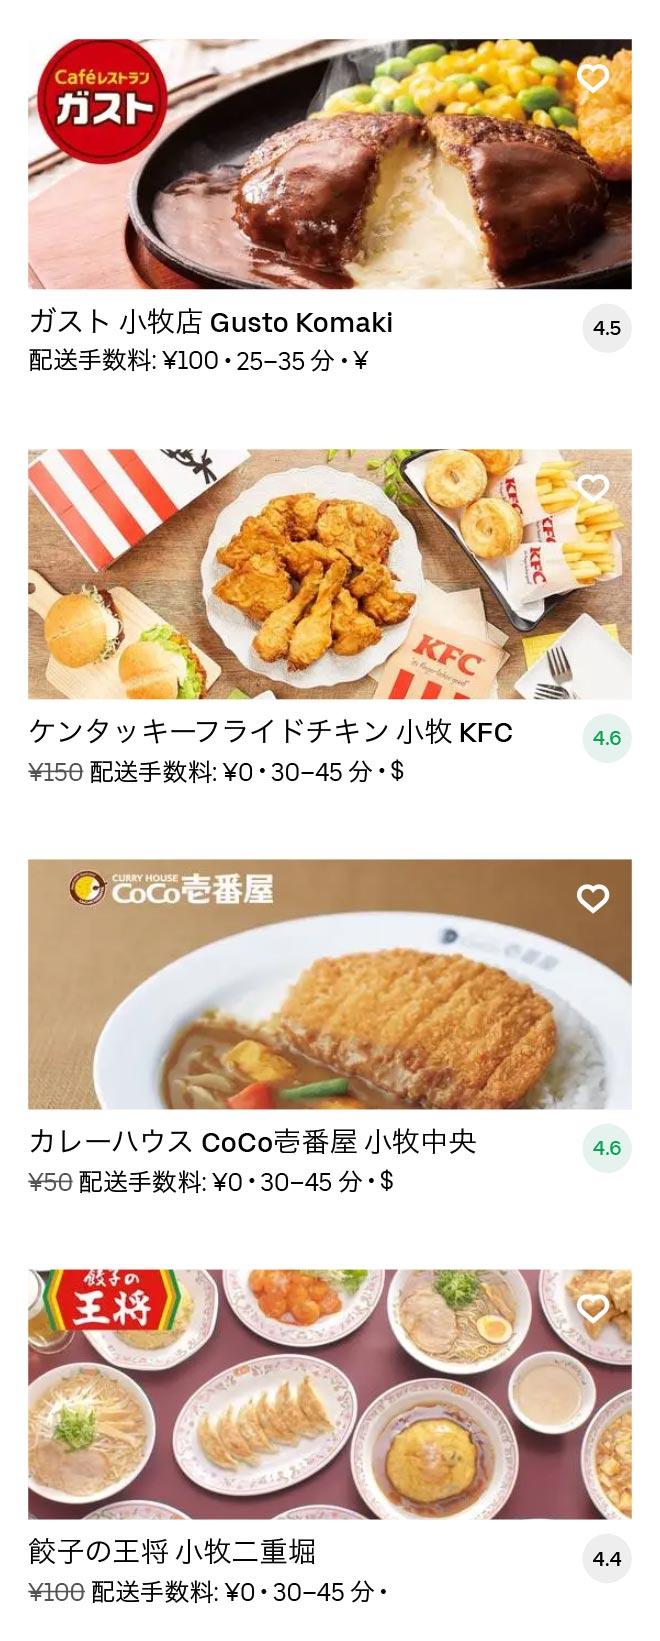 Komaki menu 2010 07